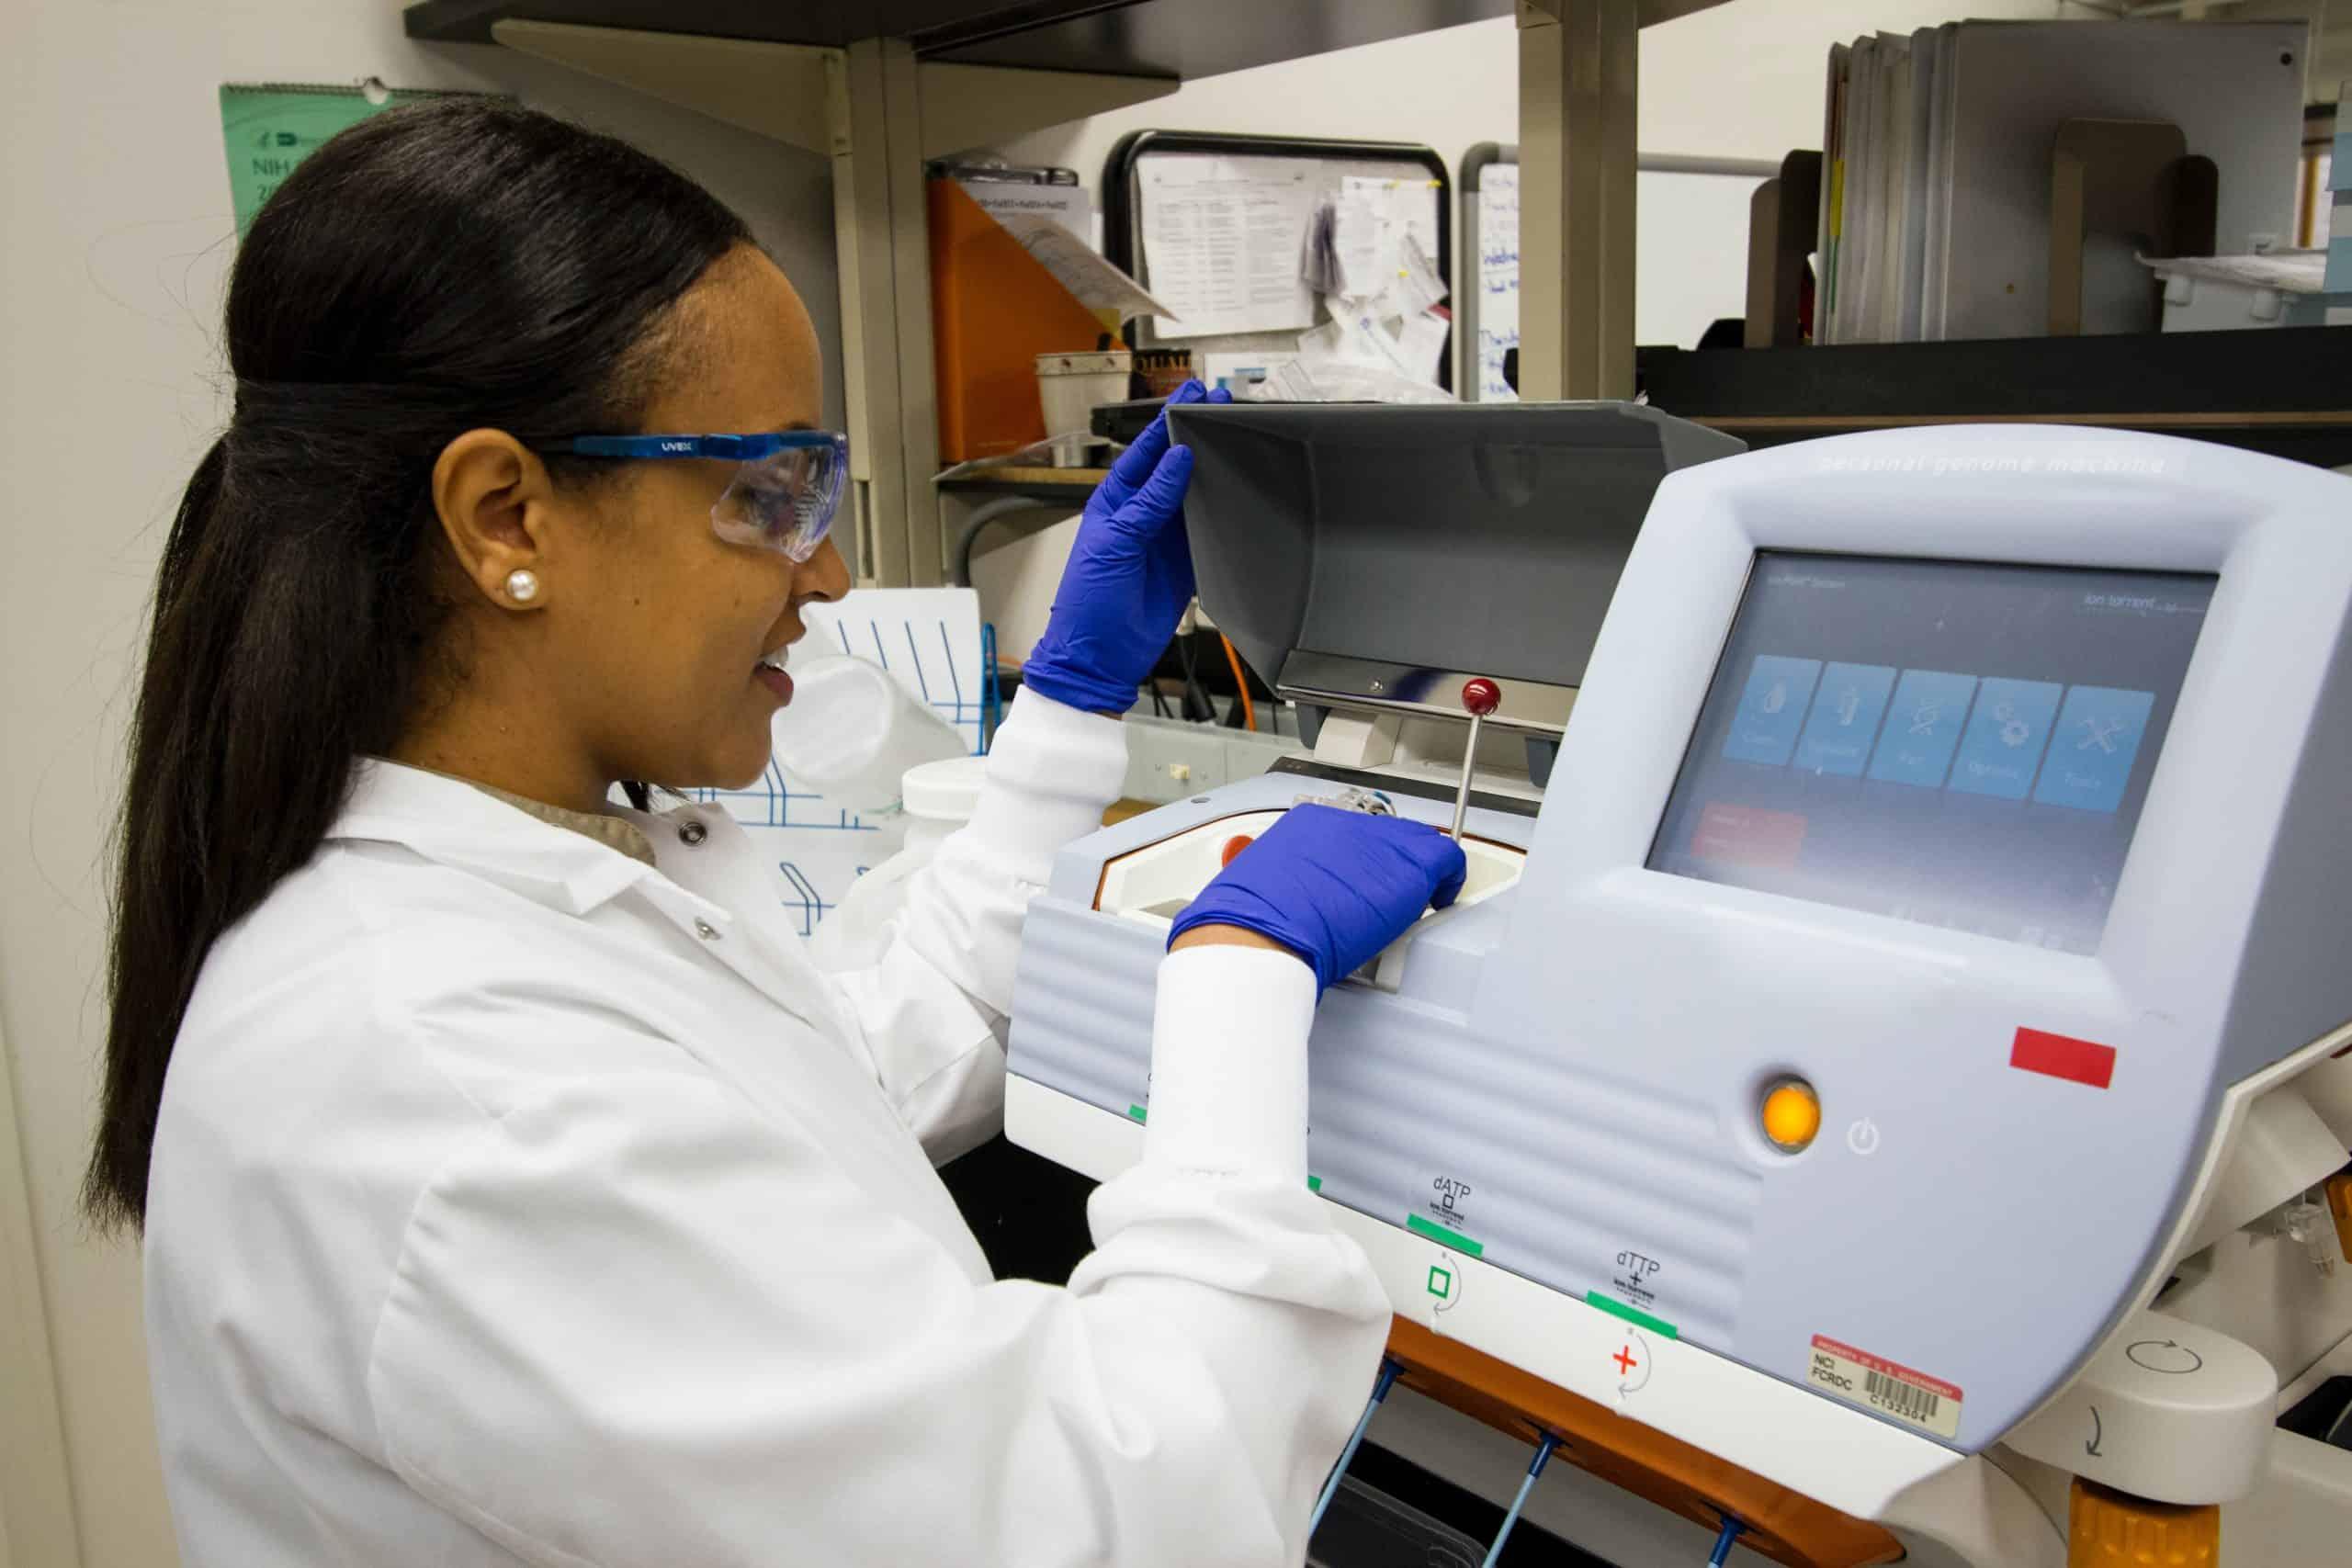 Photo laborantin qui utilise une machine de laboratoire